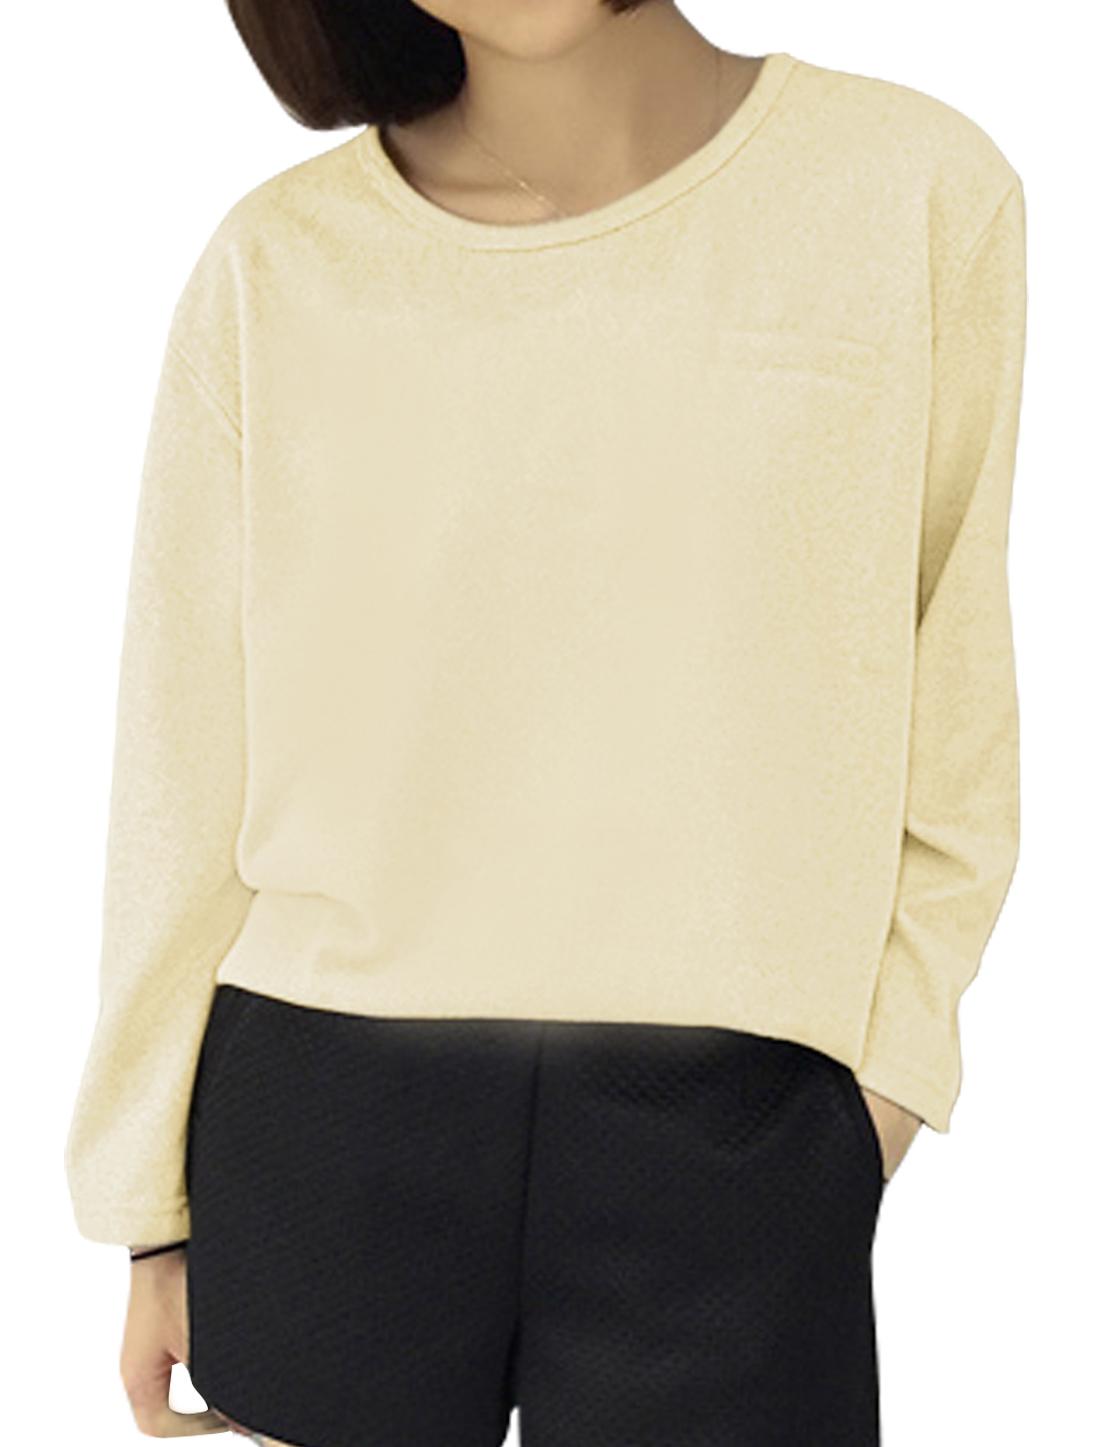 Ladies Mock Pocket Long Sleeves Loose Knit Shirt Beige XS